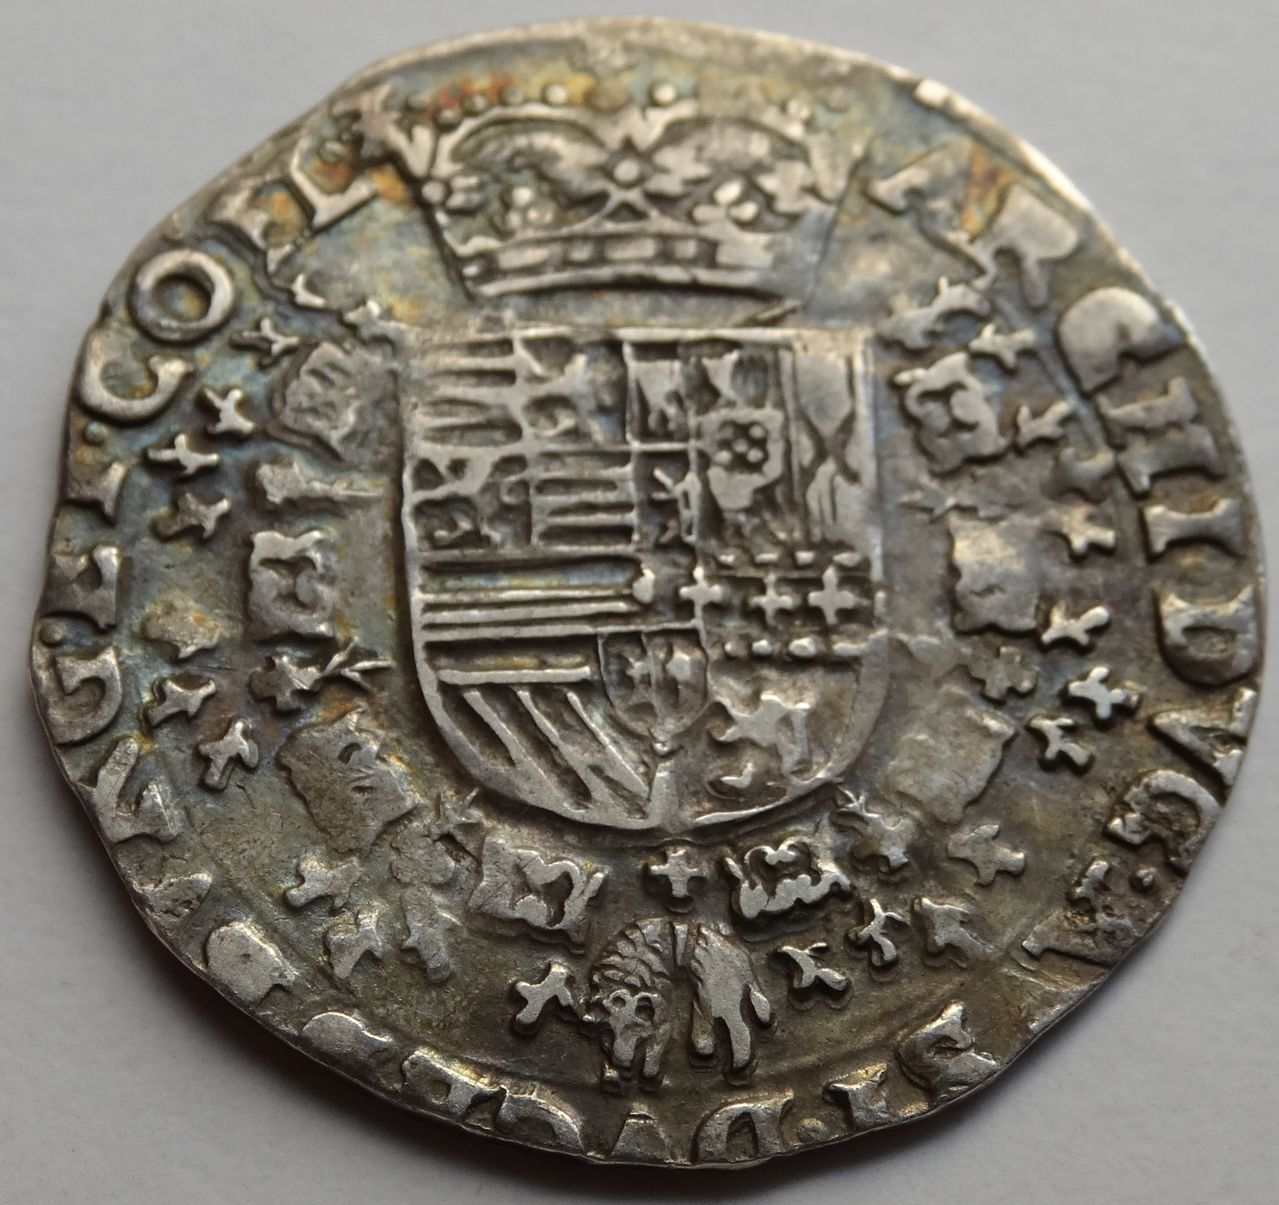 1/4 Patagon s.F (1612/1621) Alberto e Isabel, ceca de Bujas (Flandes) DSC02304